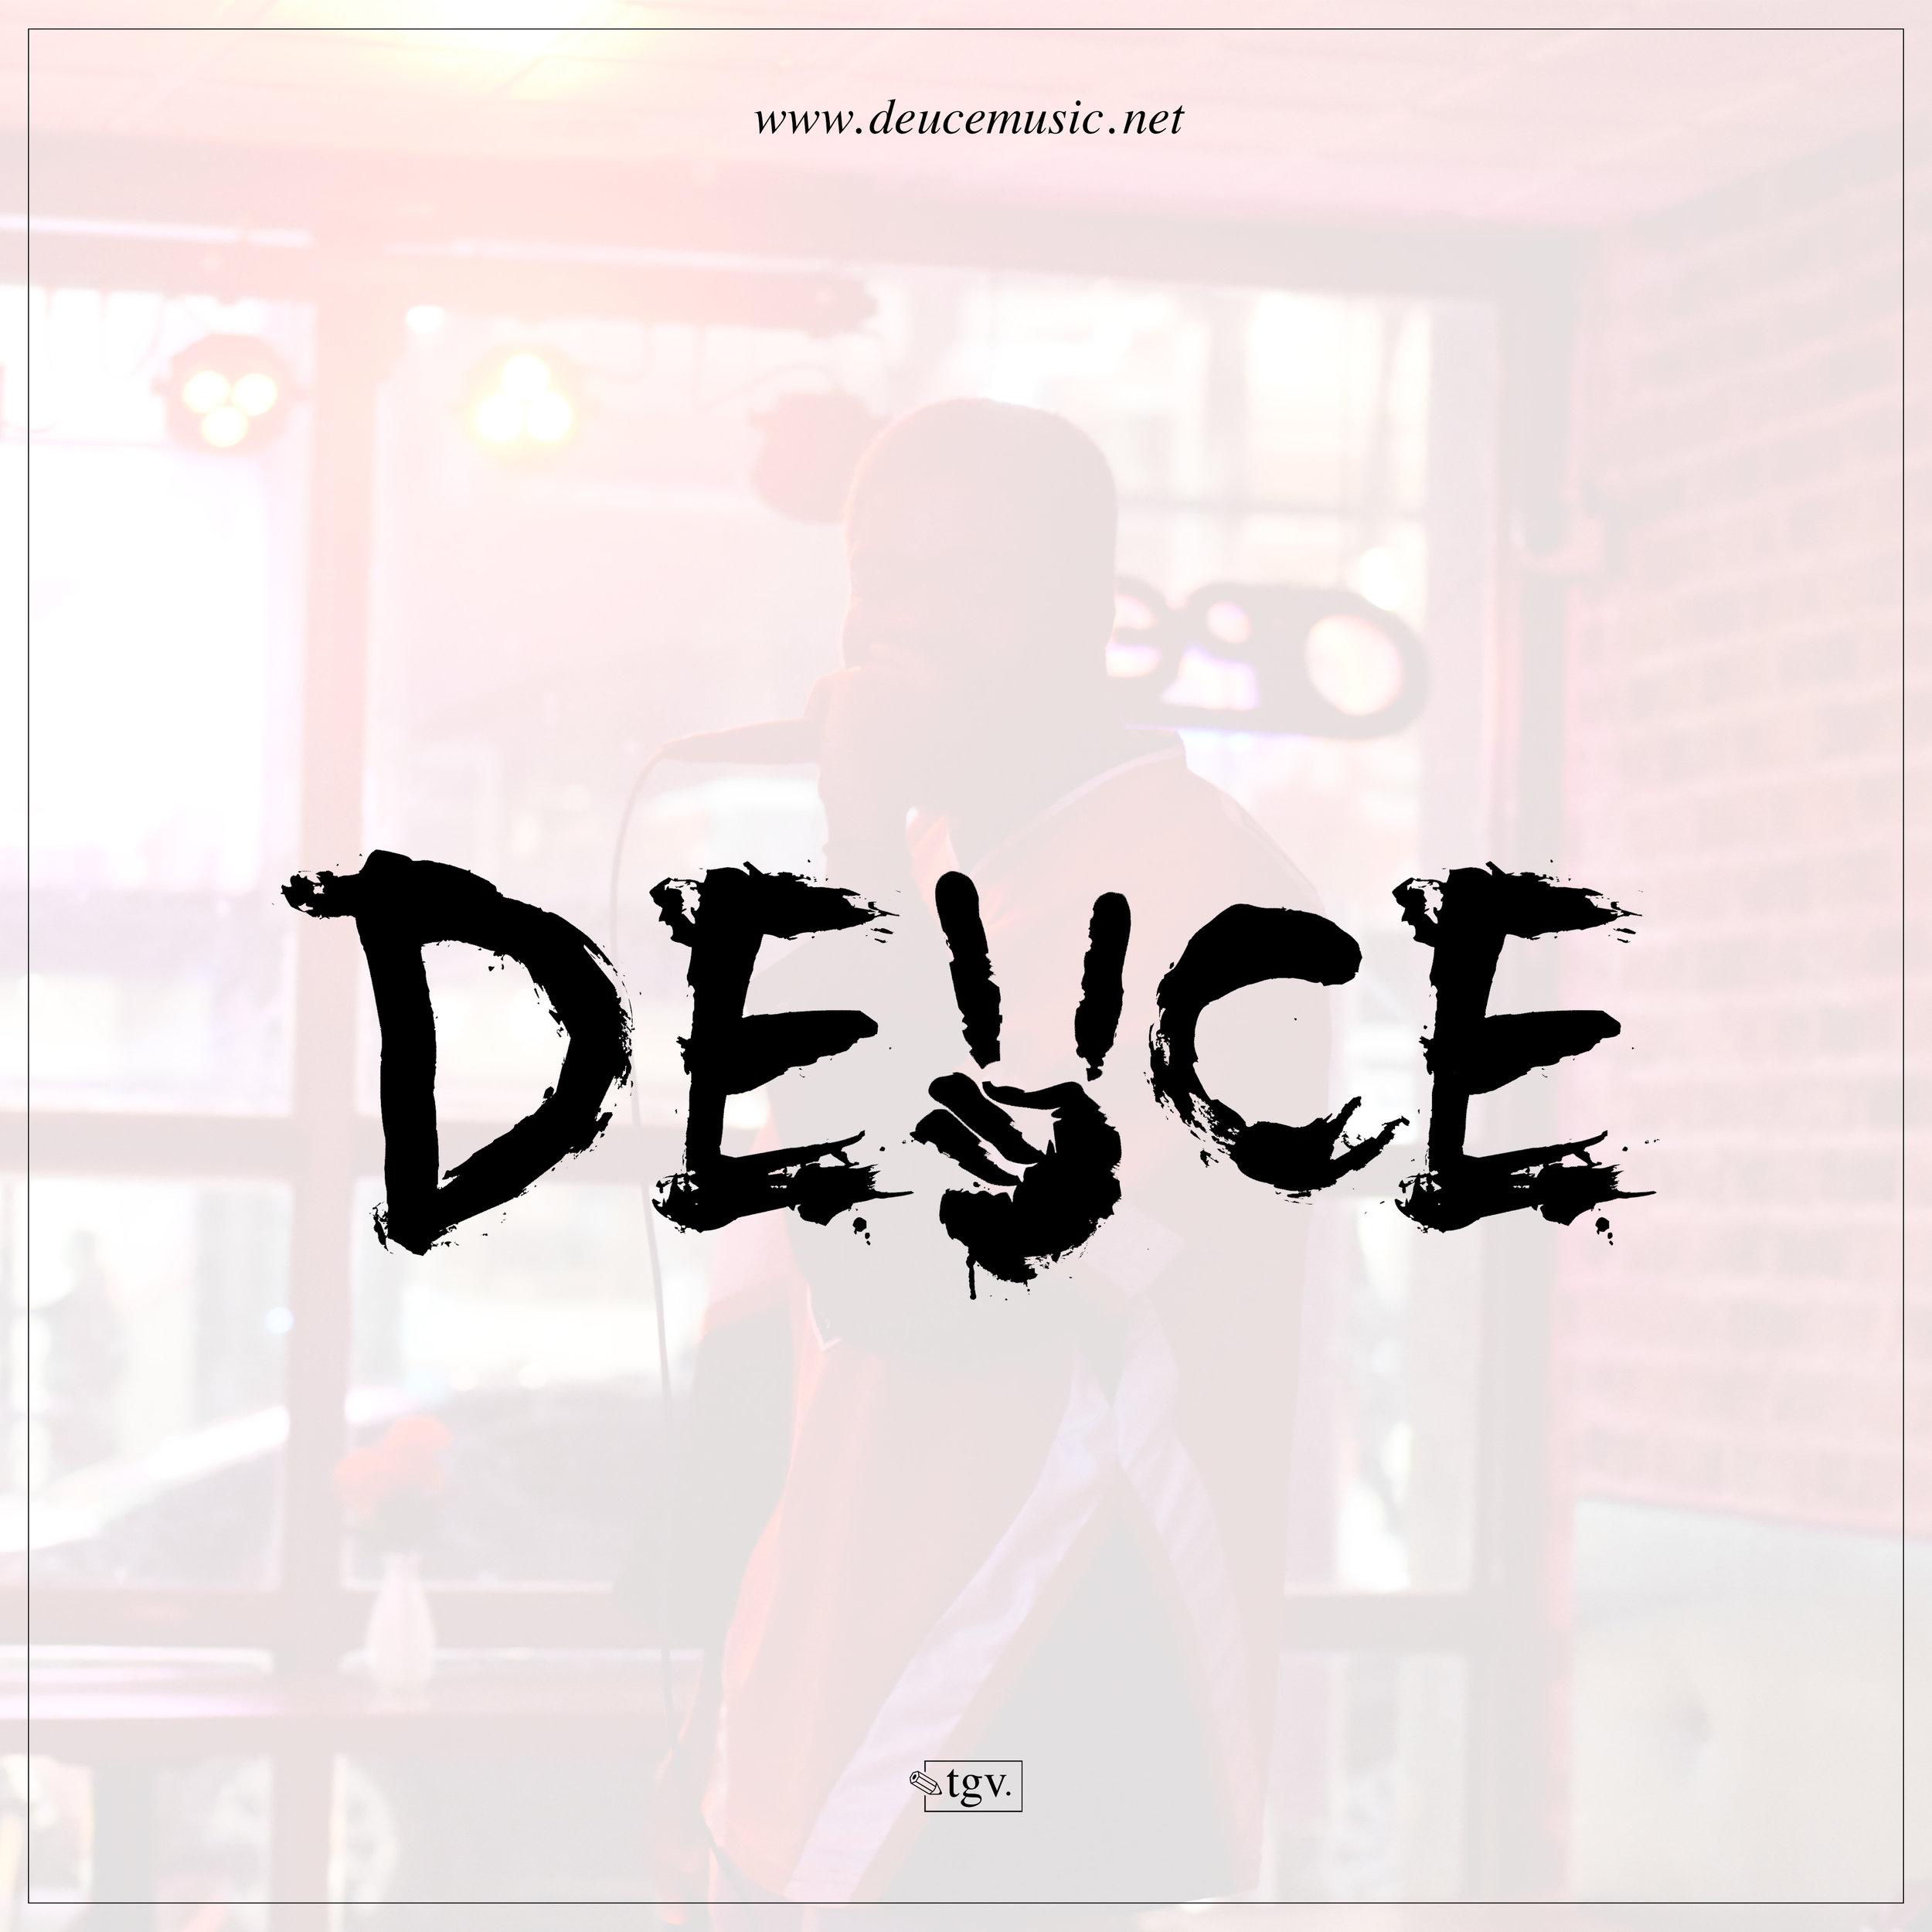 deucelogo-cover.jpg